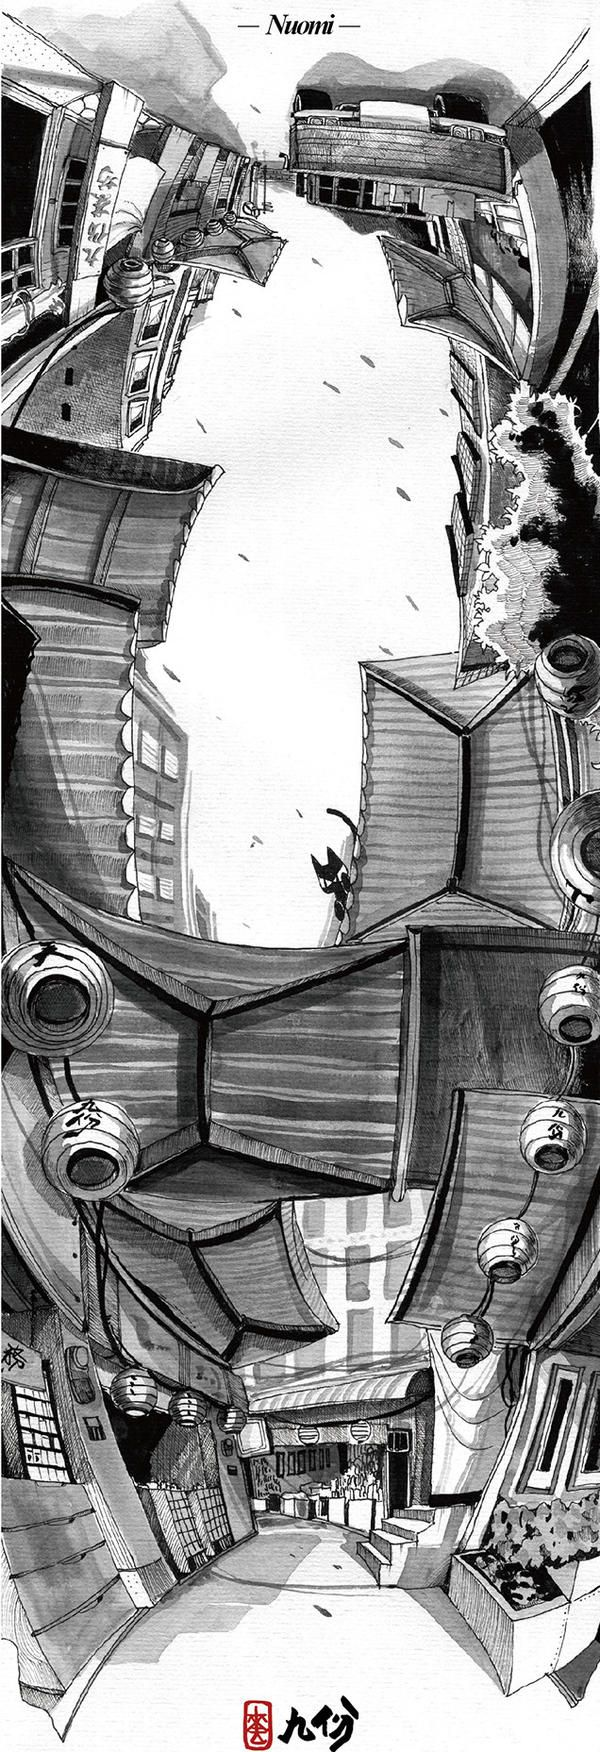 【設計大人物】Nuomi 的插畫旅行地圖---九份 | 大人物